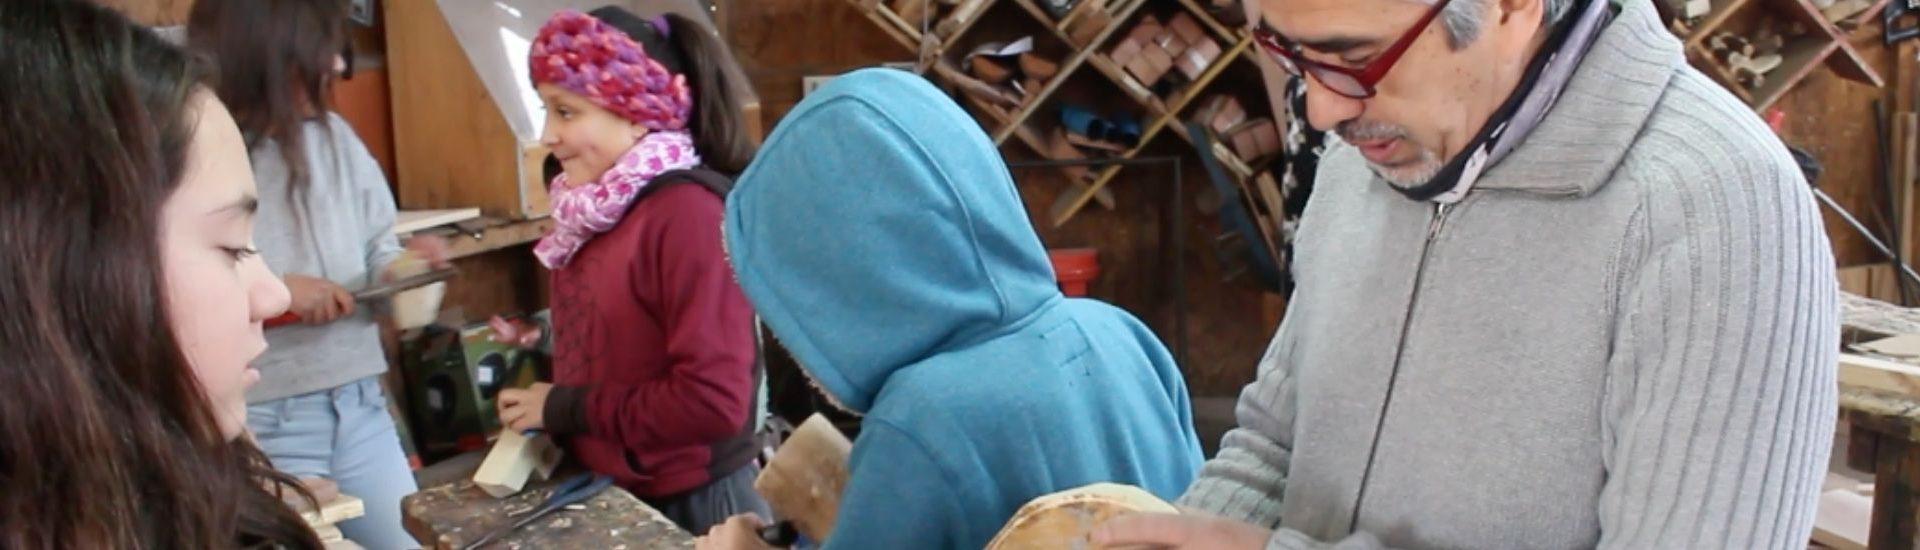 Docente y alumnos con modelando madera